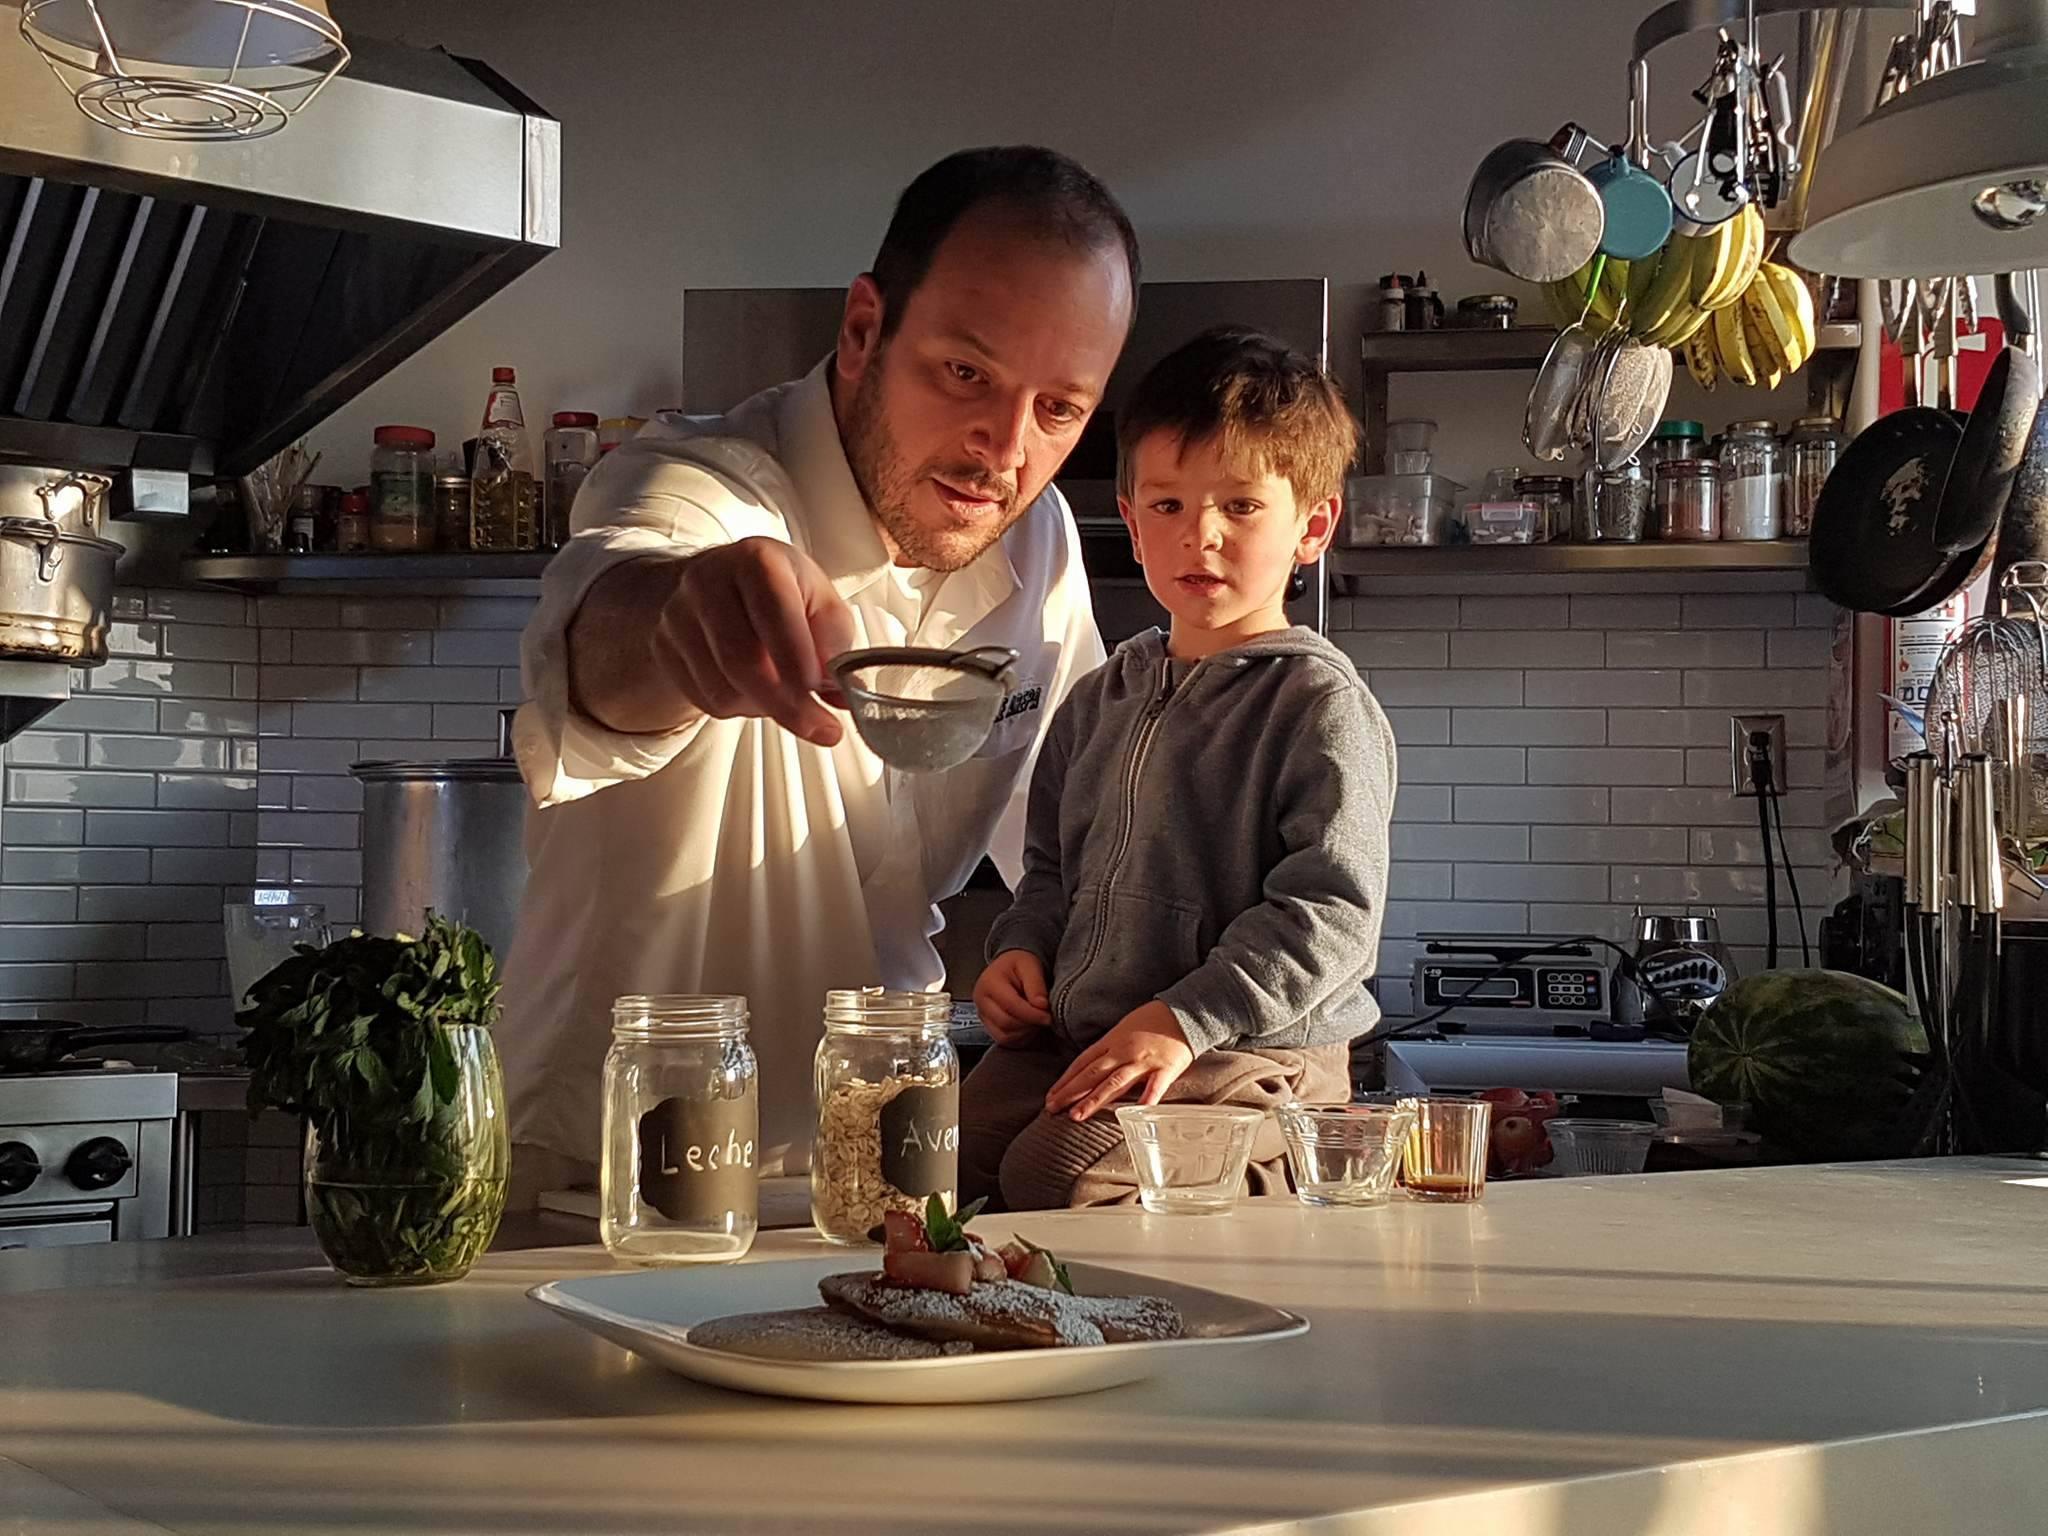 La lonchera del chef: Jorge Udelman y Noah